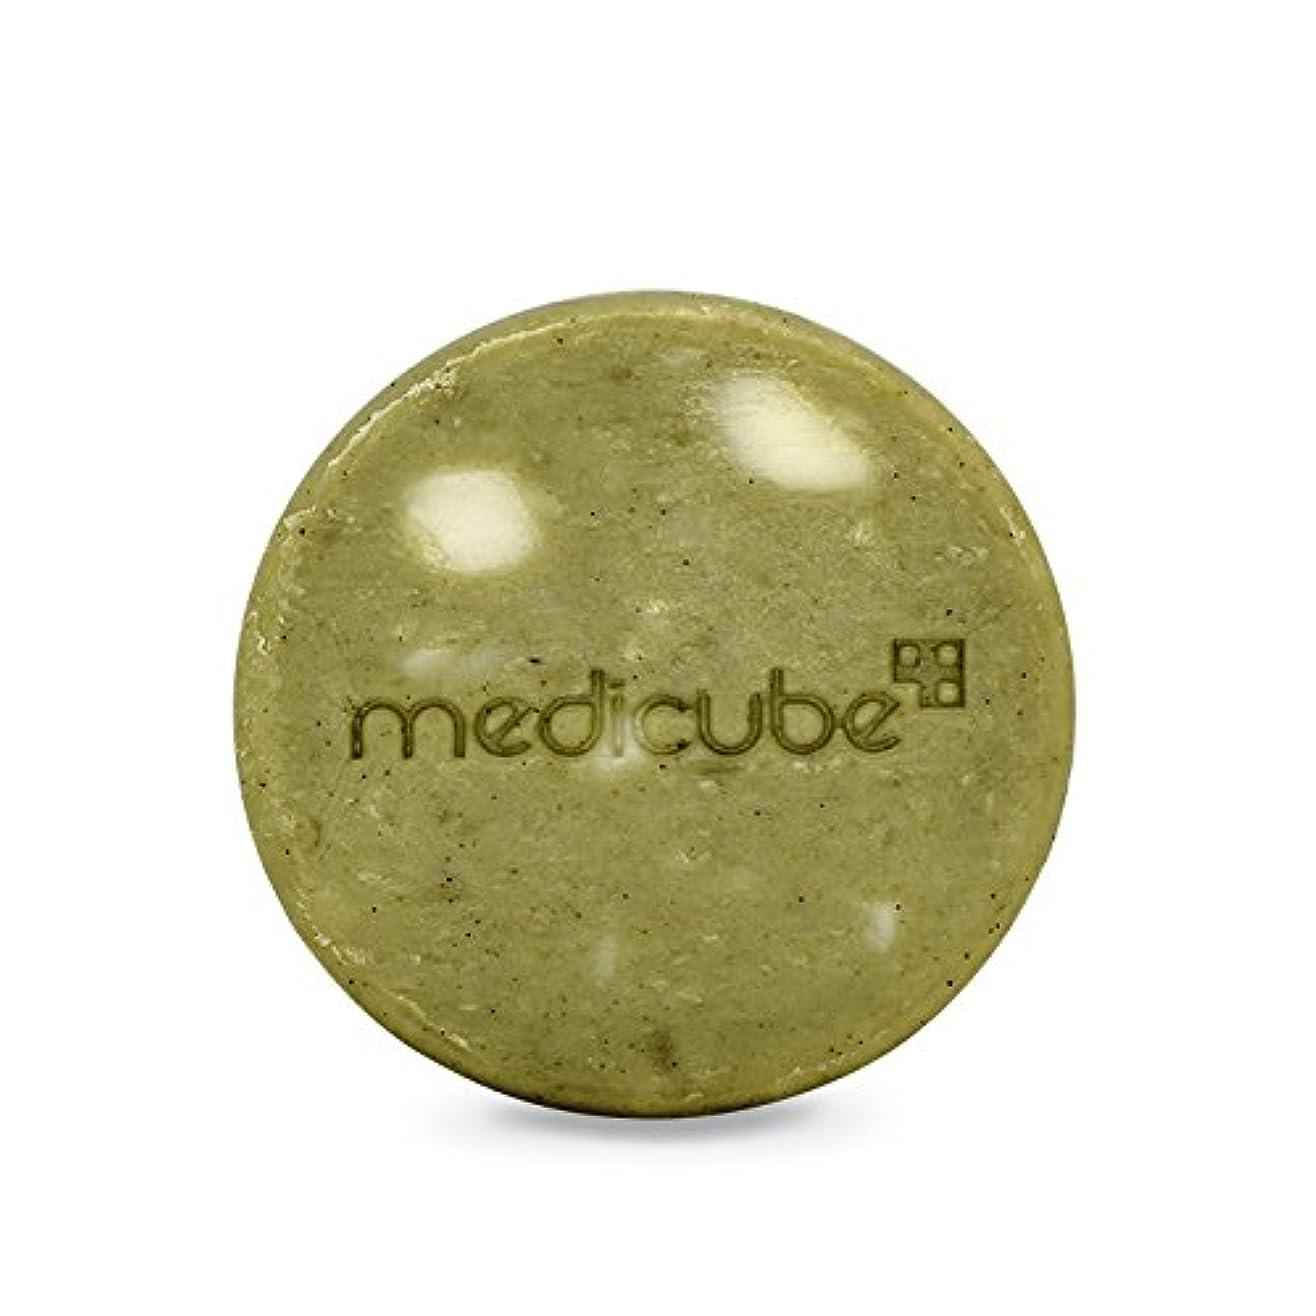 静かな国アナログ[Medicube]Red Body Bar / メディキューブレッドボディバー / 正品?海外直送商品 [並行輸入品]